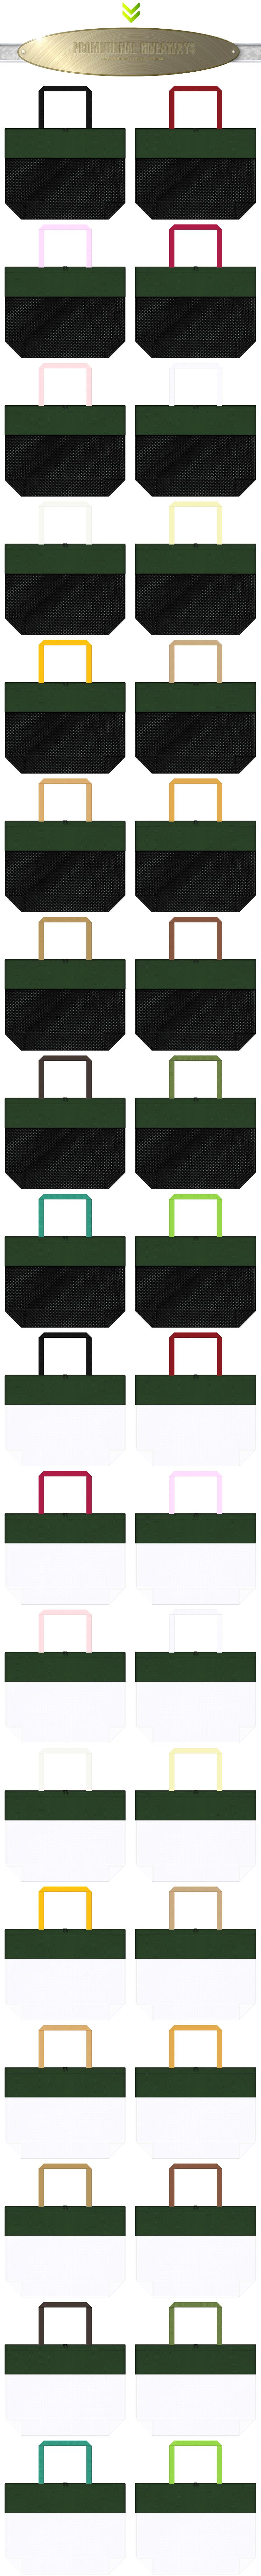 黒色メッシュ・白色メッシュと濃緑色の不織布をメインに使用した、ファスナー付きの台形型メッシュバッグのカラーシミュレーション